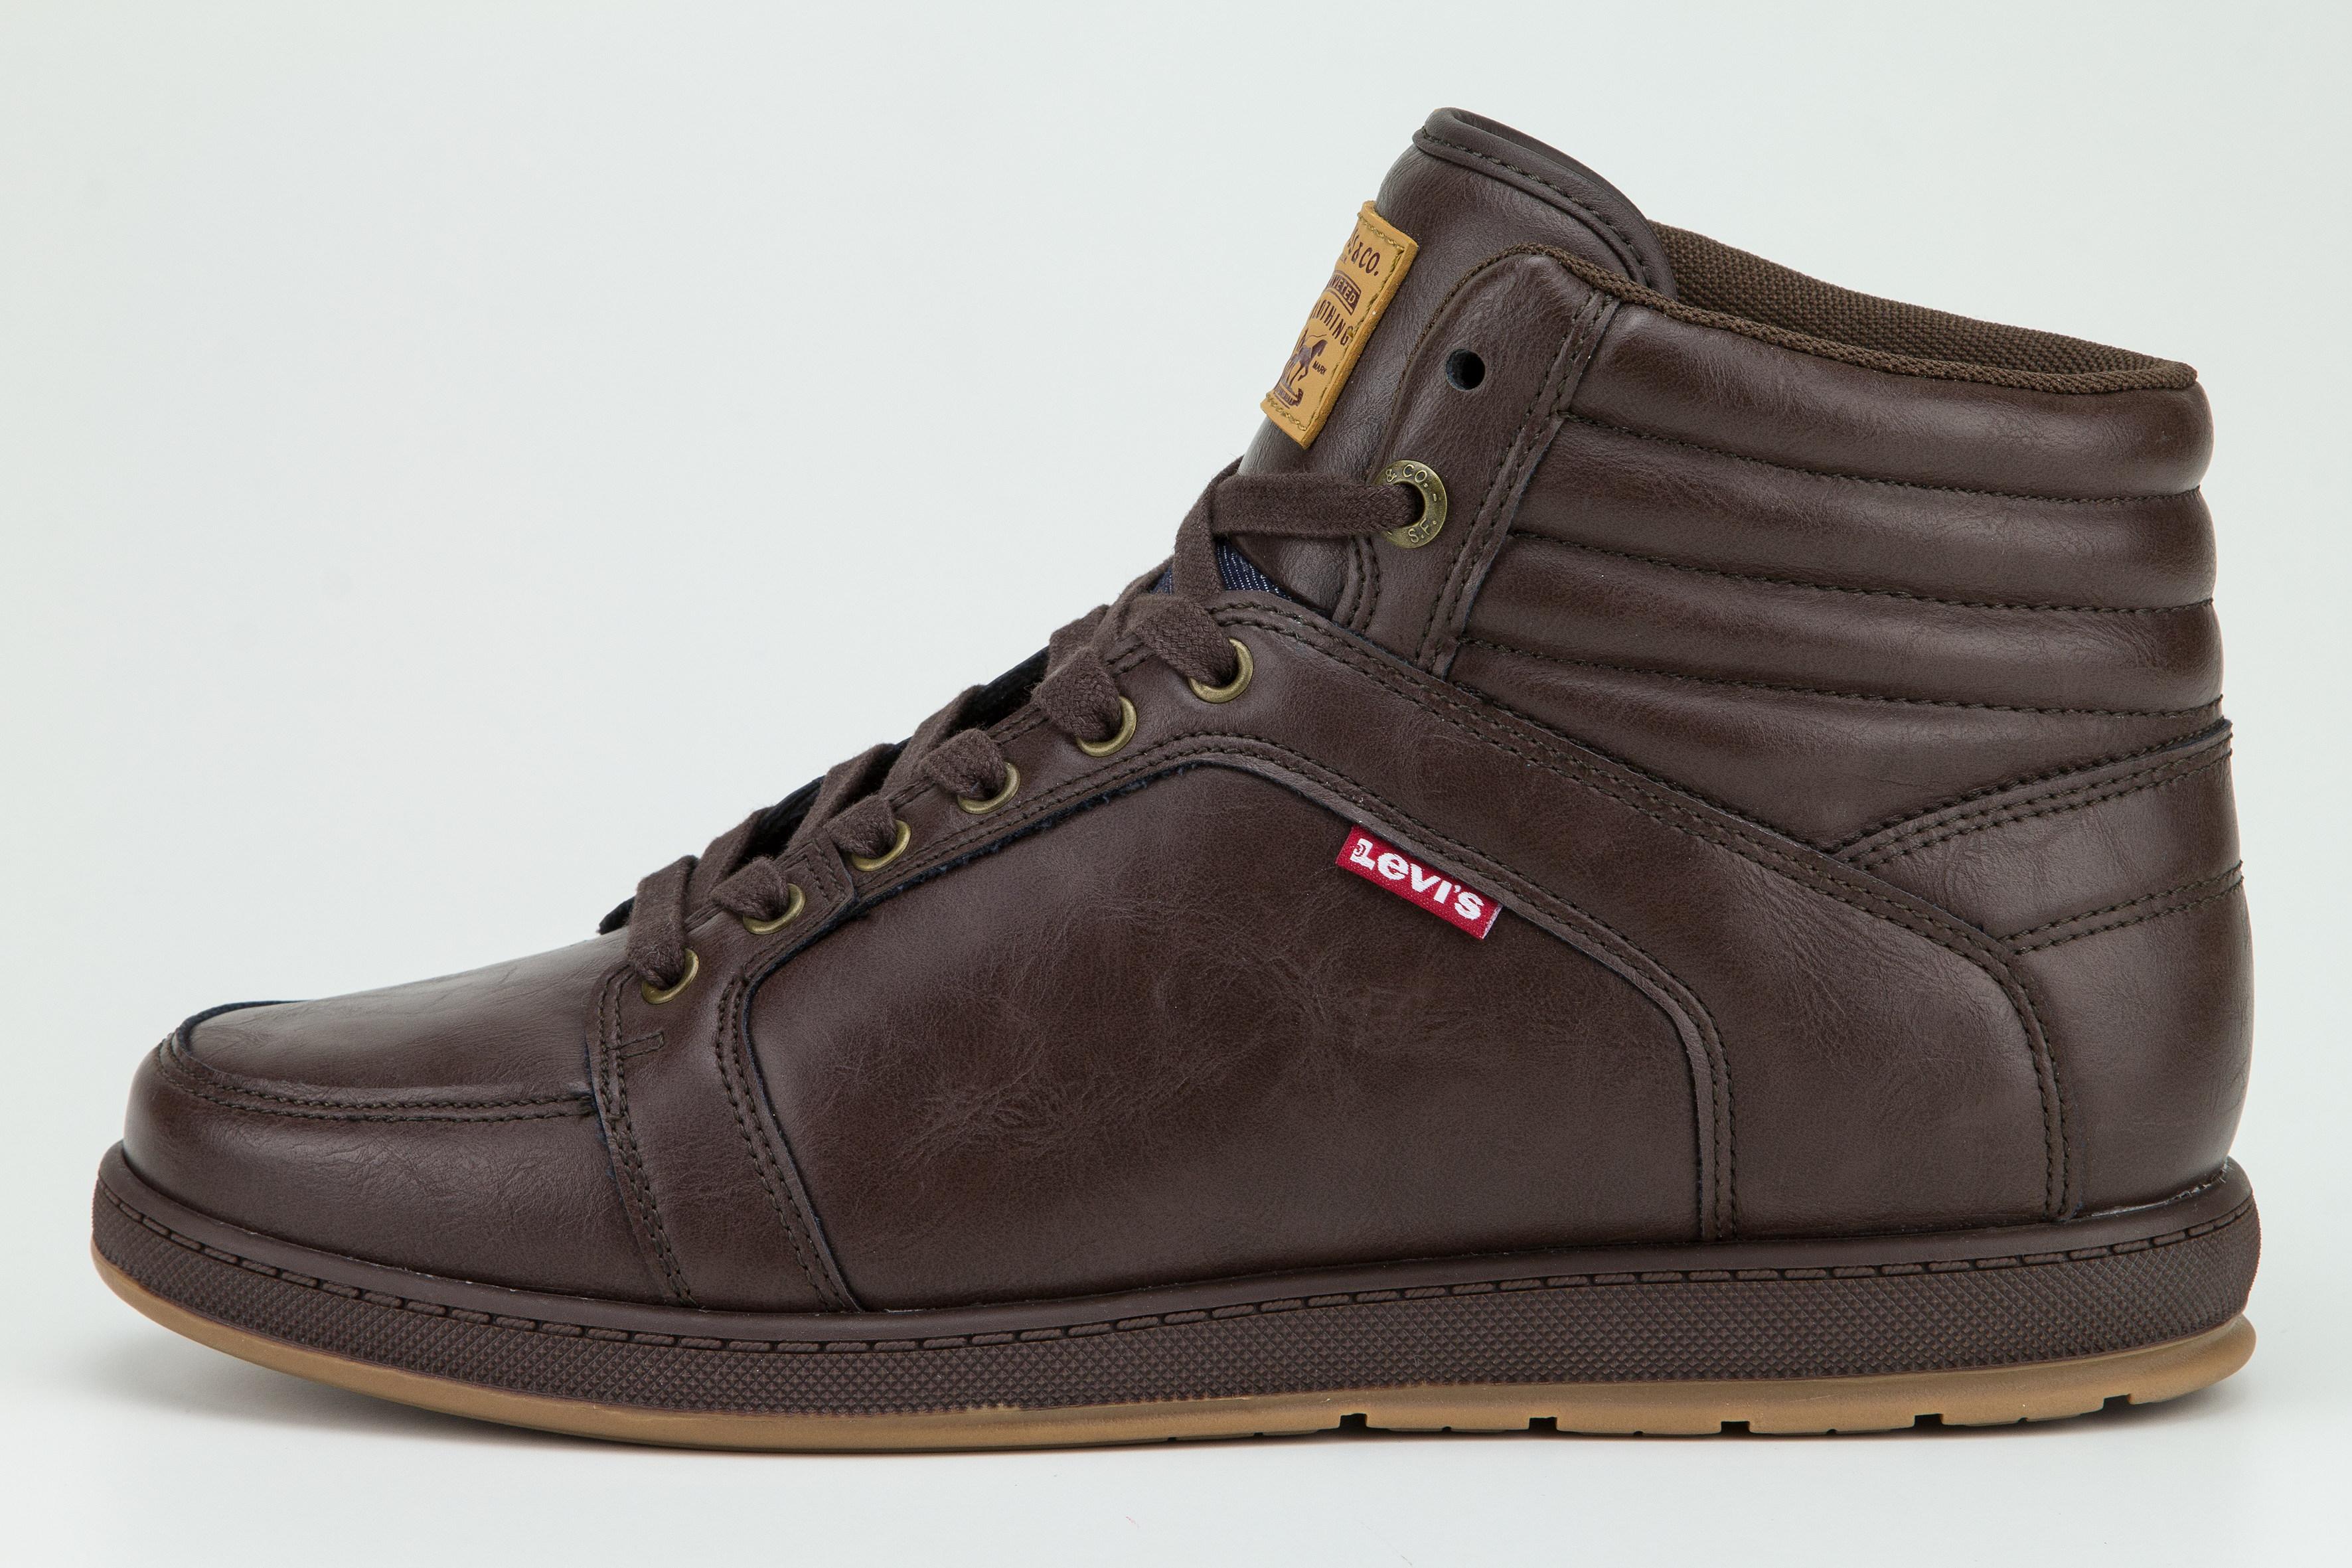 Levis Schuhe Boots VANCE TECATE 227996 1794 29 dunkelbraun SH18-LB1